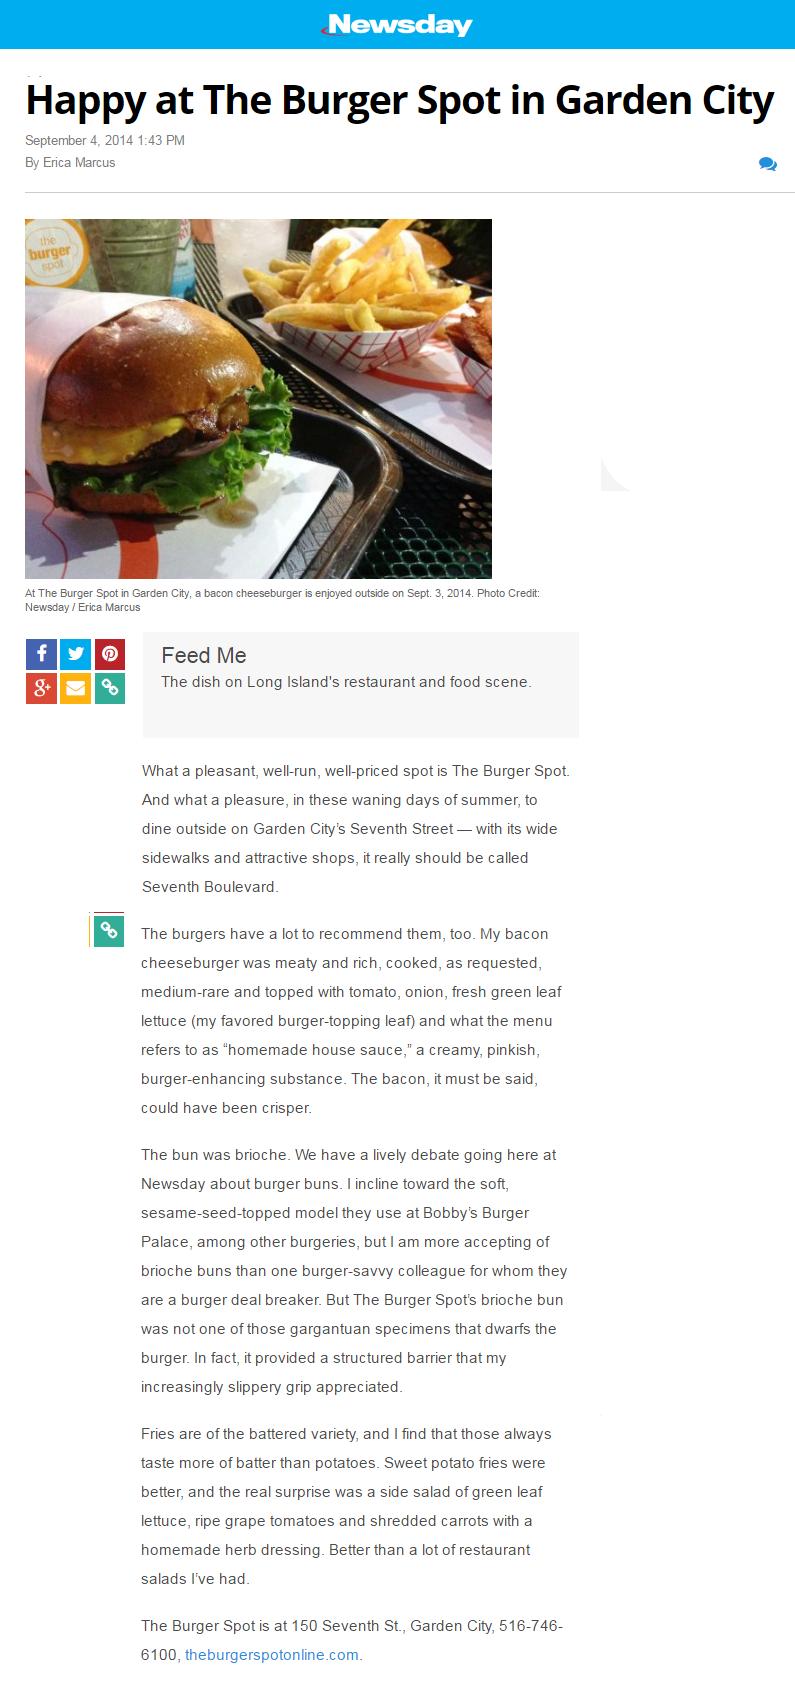 News The Burger Spot